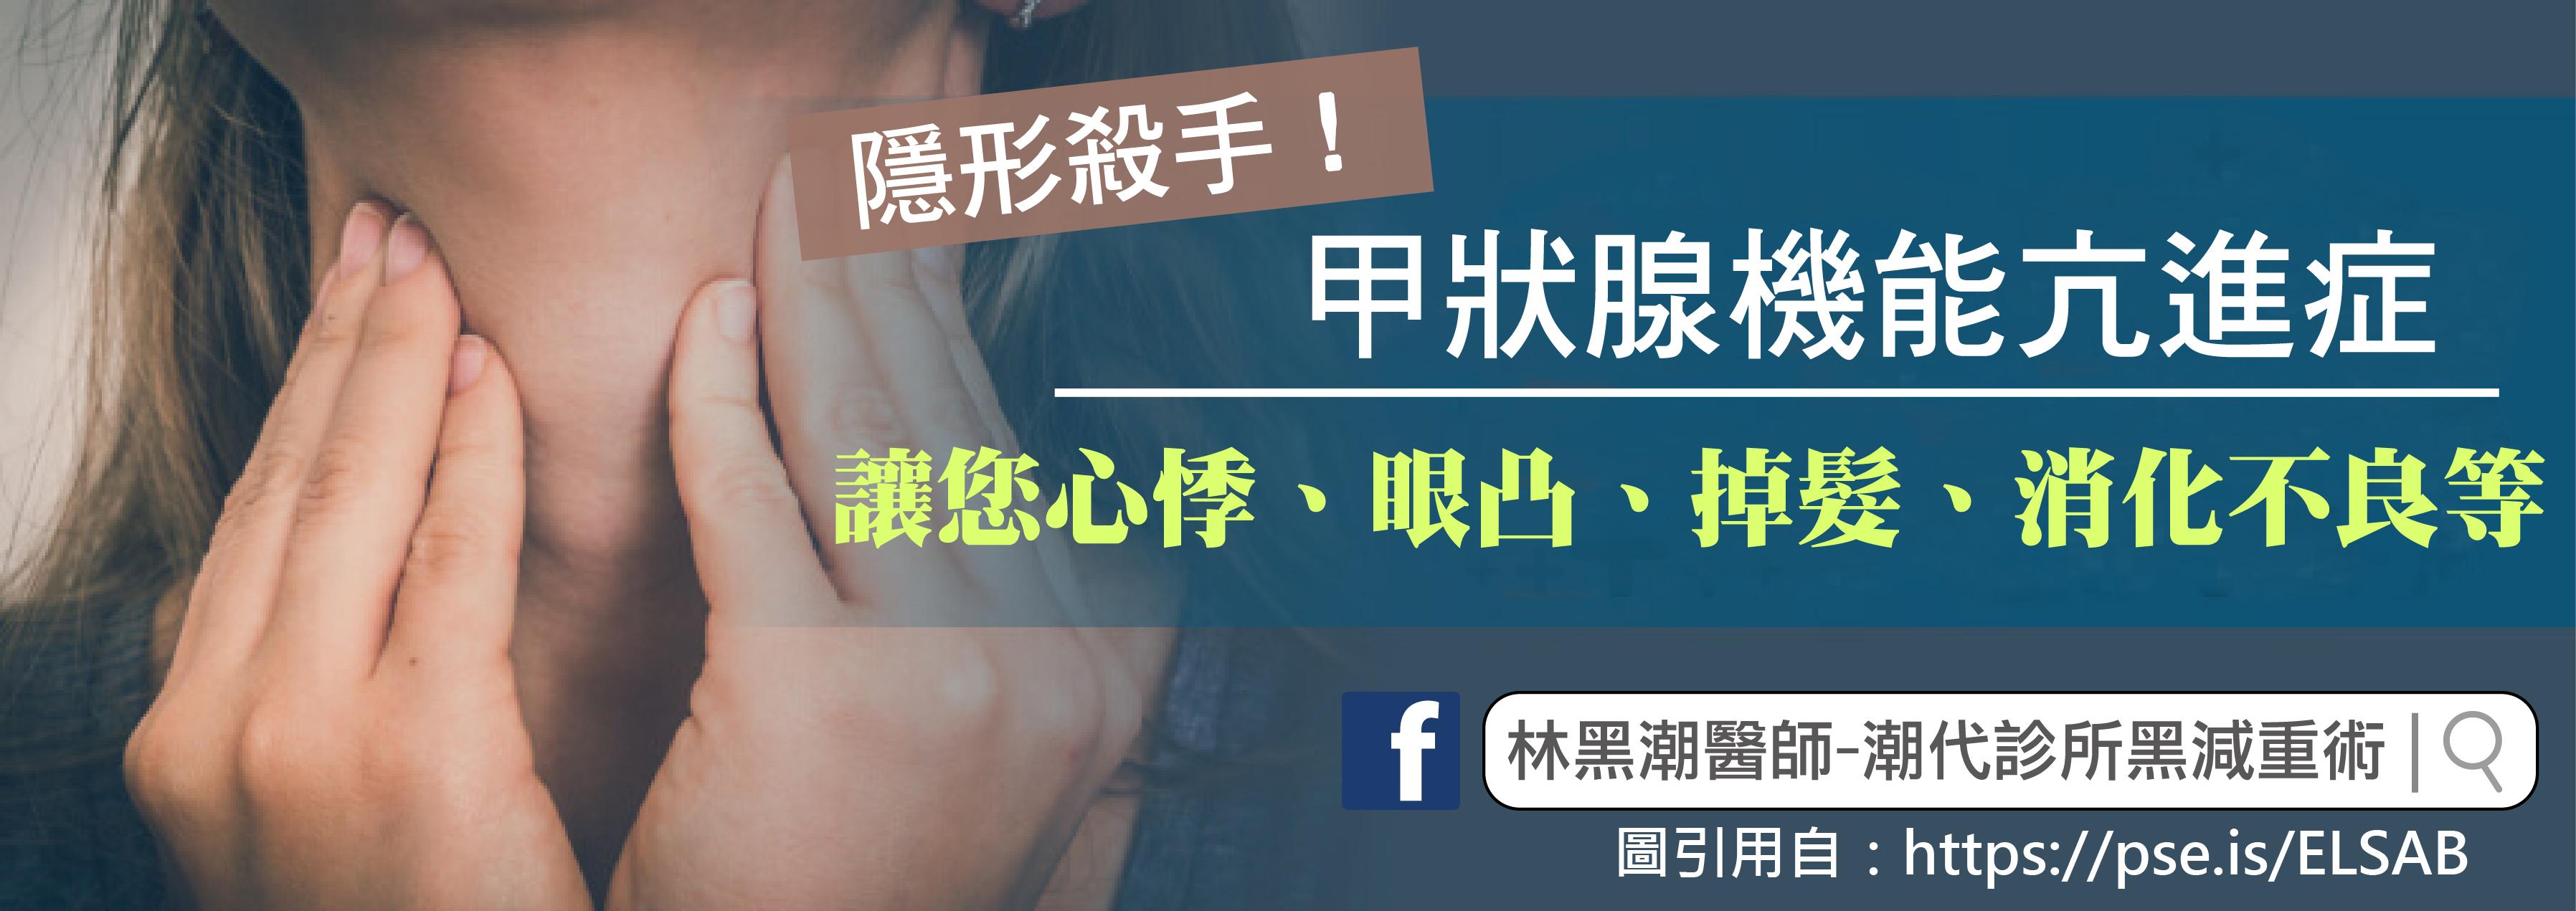 甲狀腺機能亢進/文:沈孟娟醫師